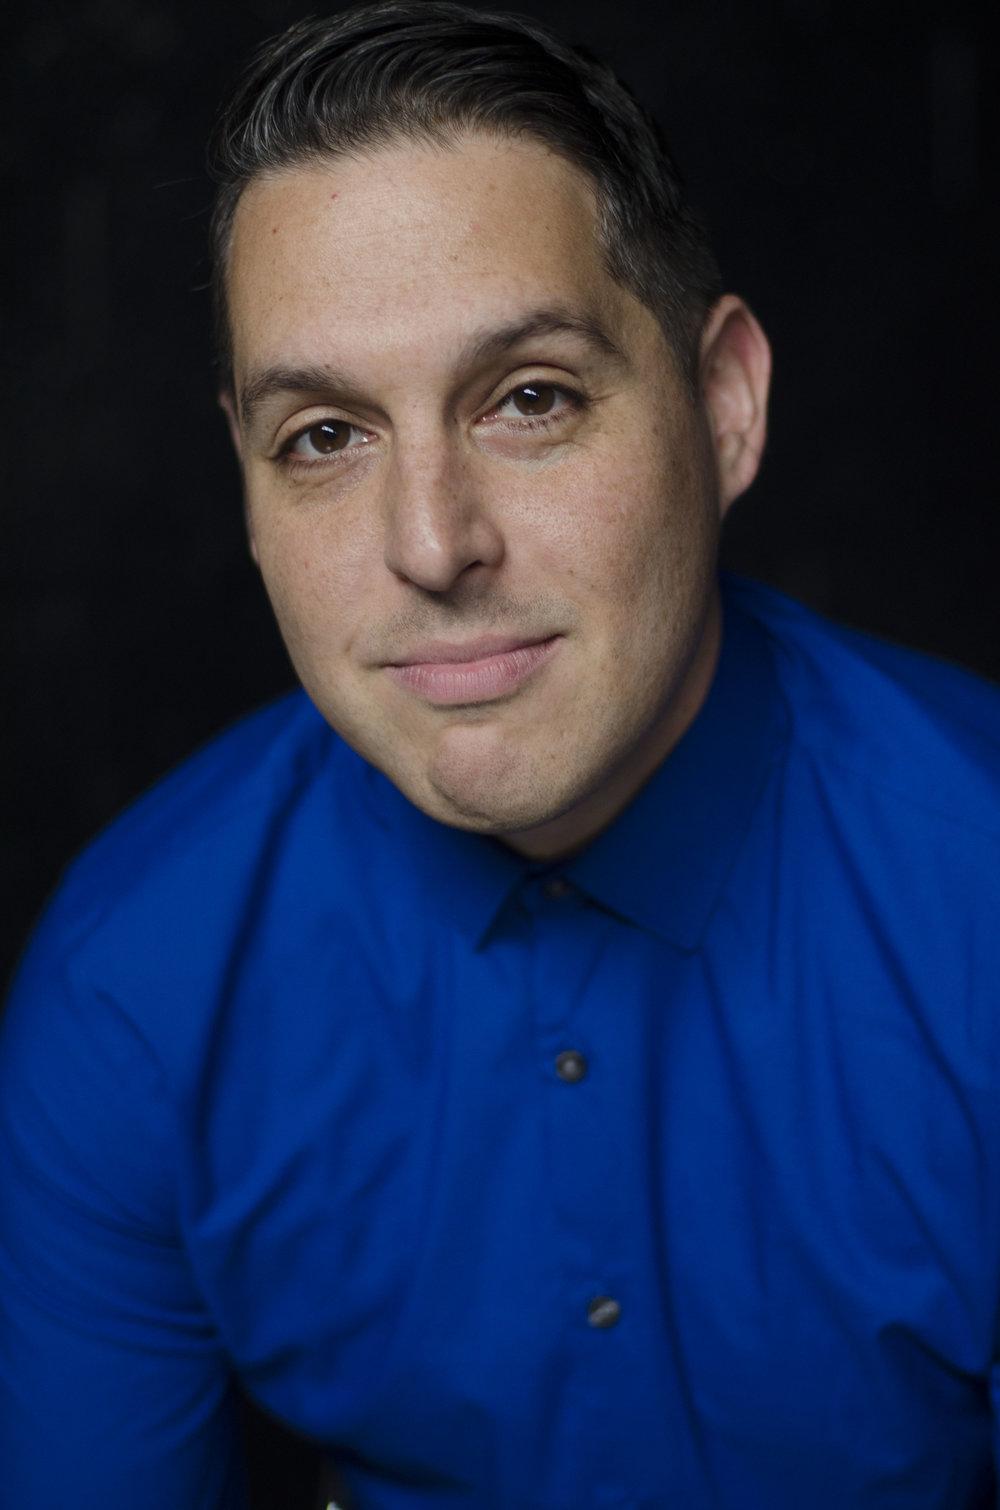 Samir Mojaddedi